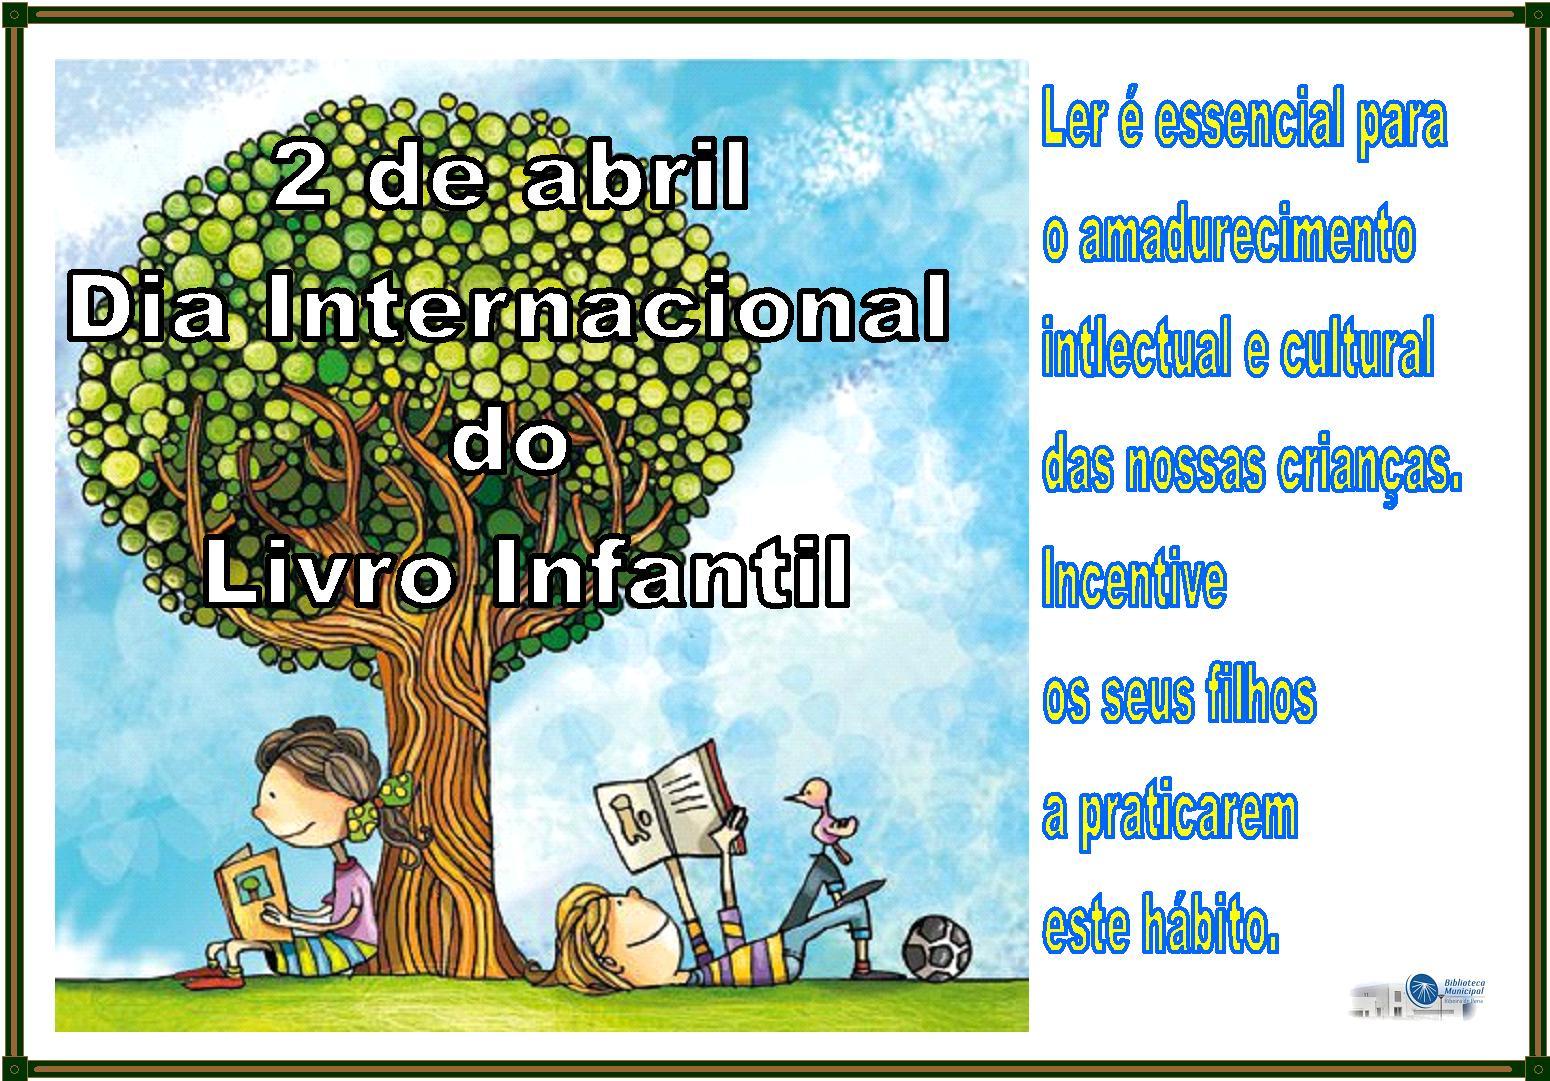 Amanhã é Dia Internacional Do Livro Infantil Letra Pequena